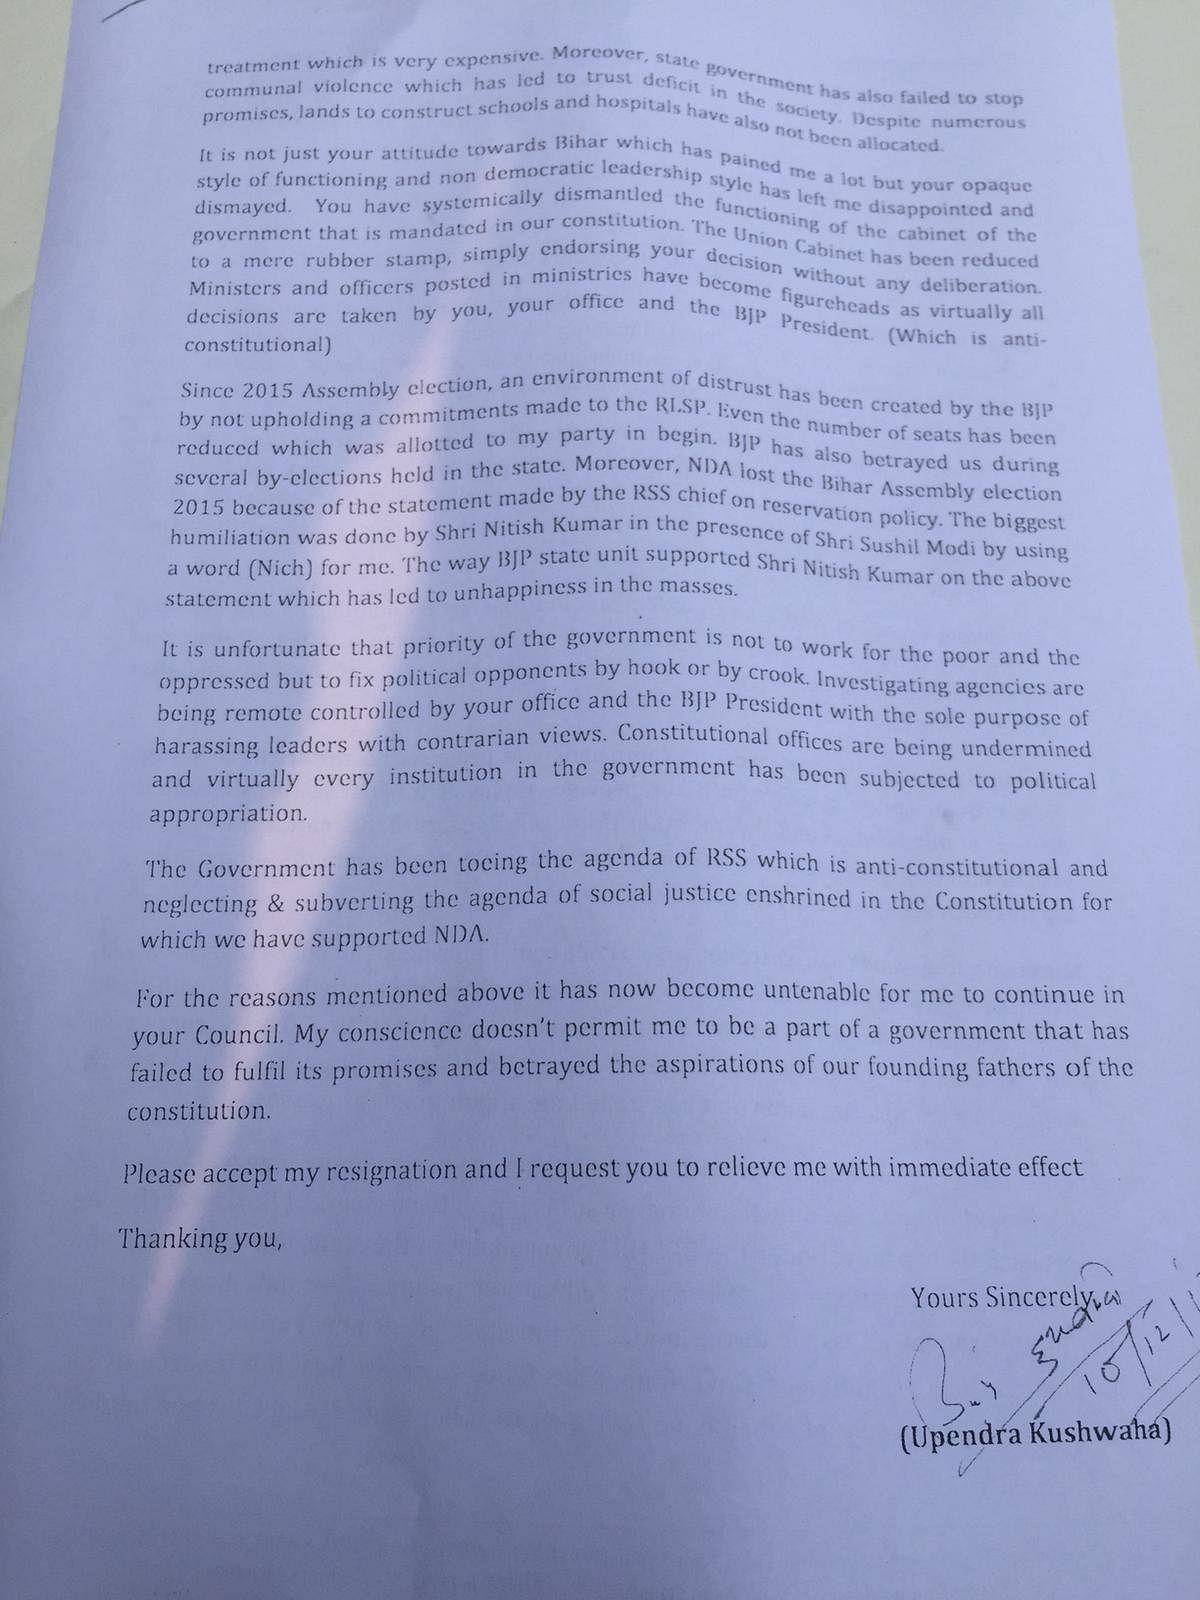 Kushwaha's resignation letter.